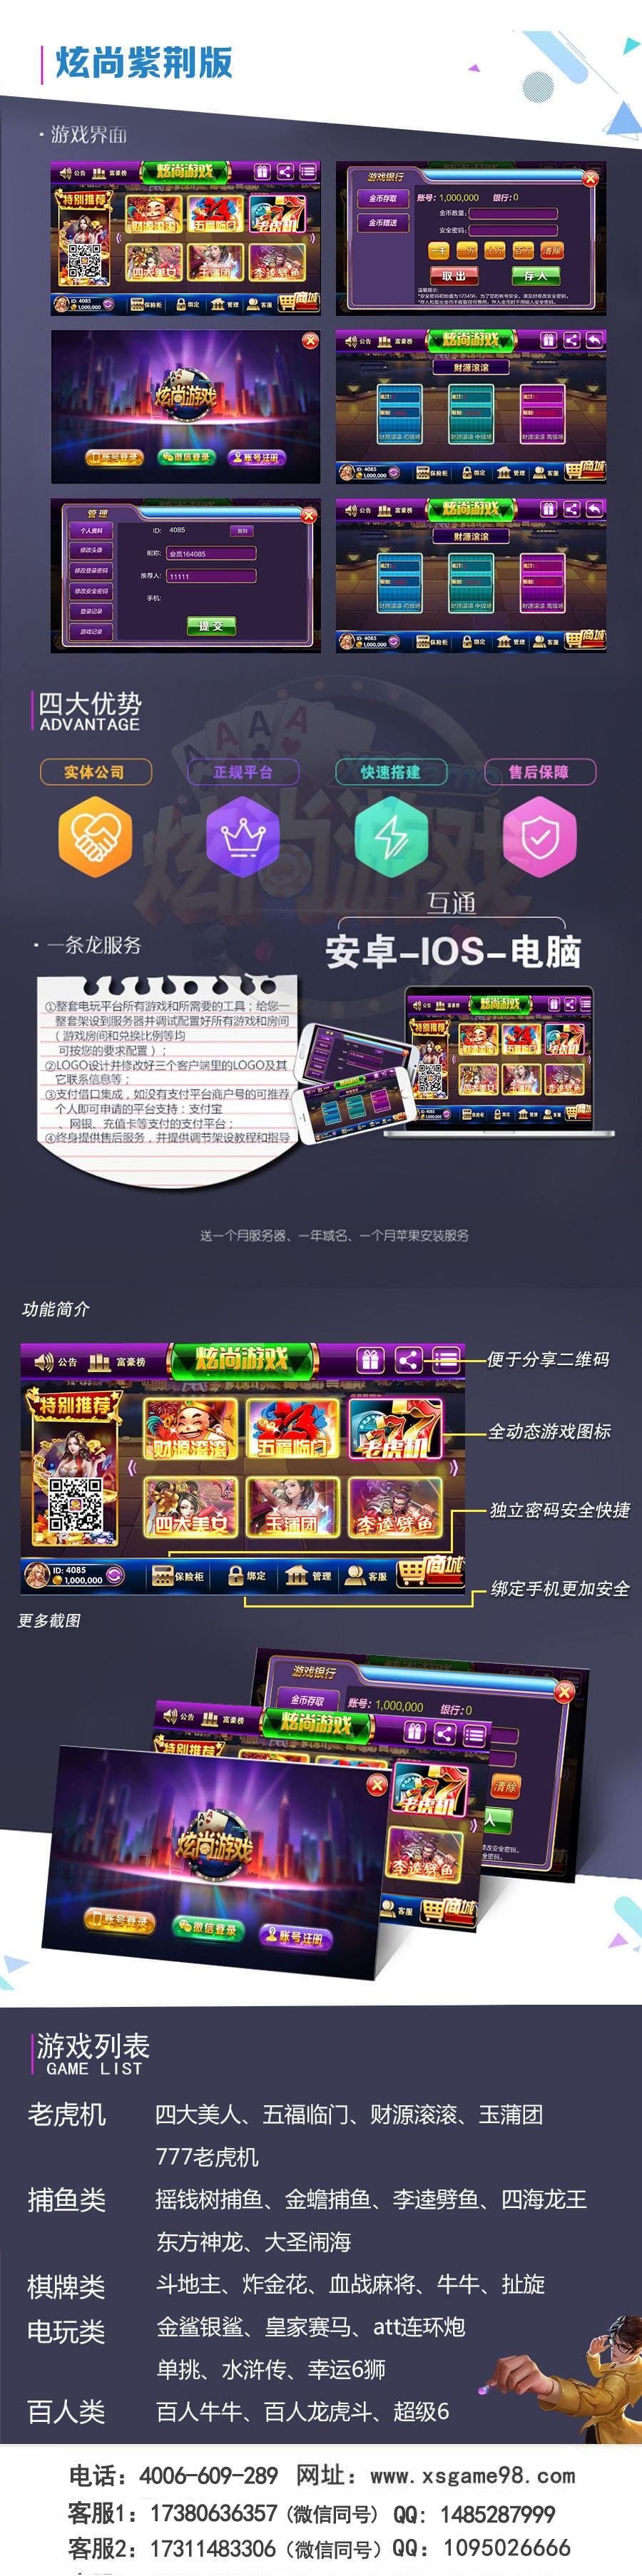 炫尚6.1紫荆版